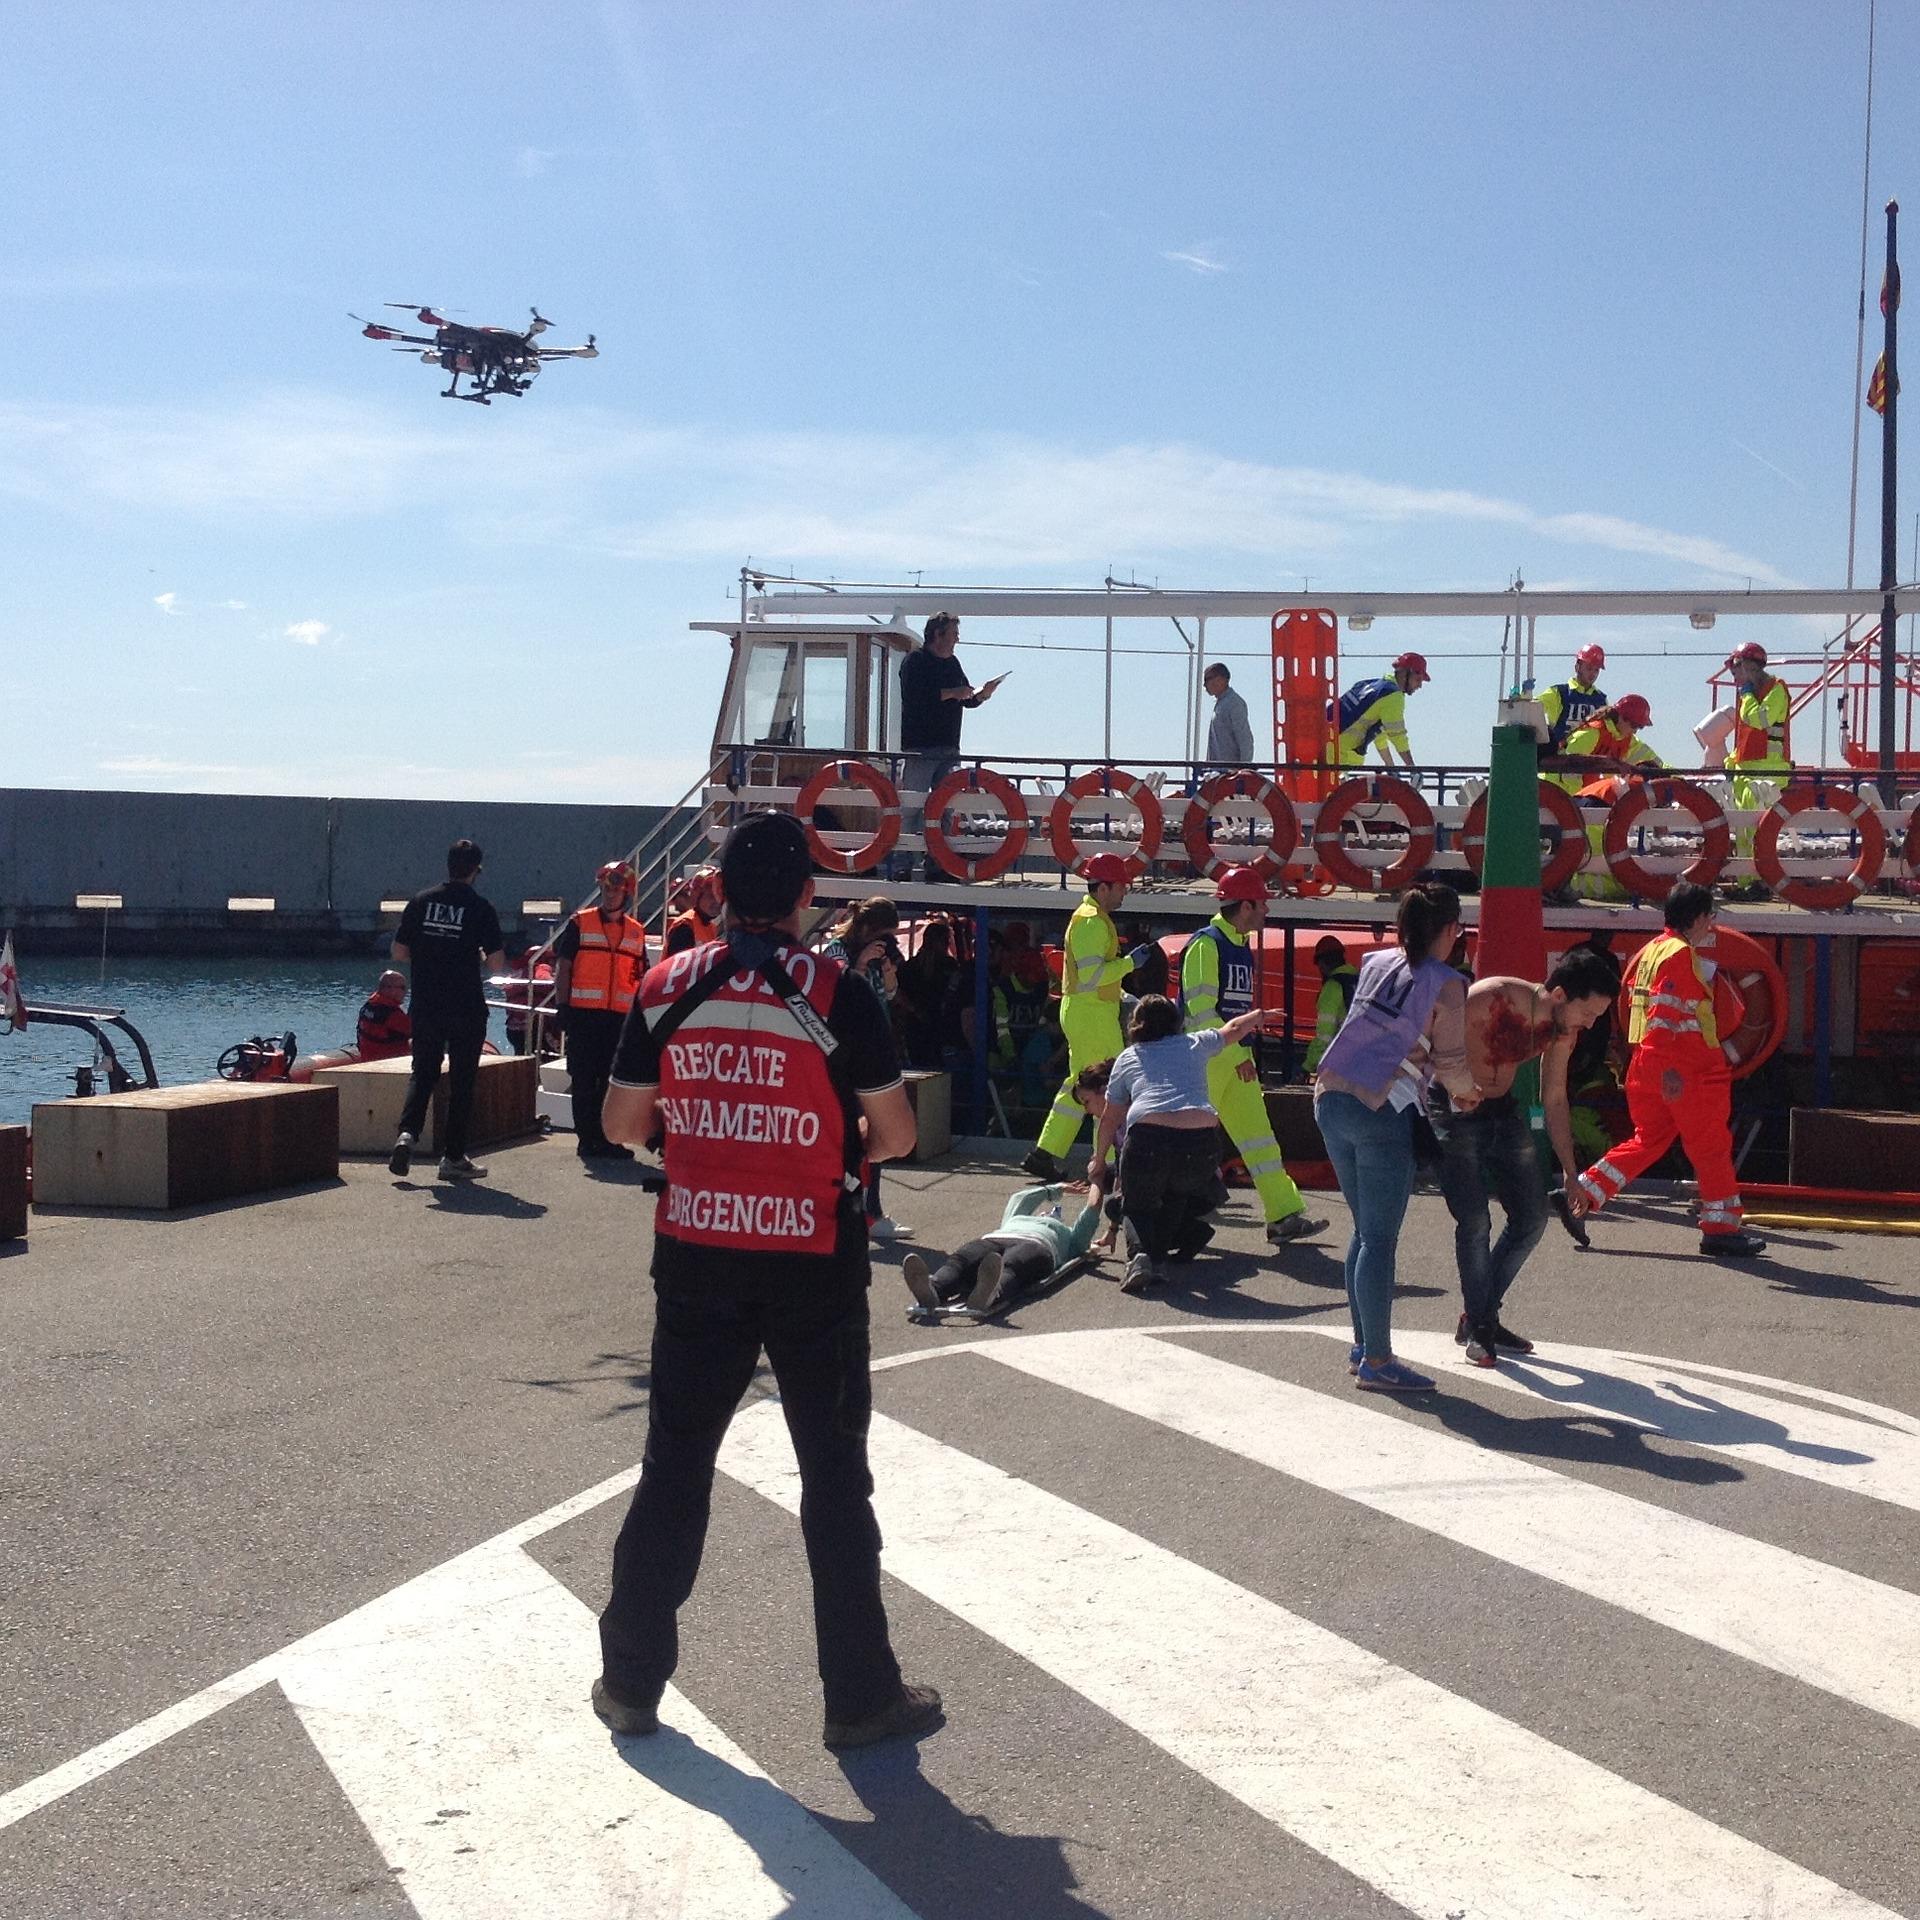 Drone flying aobe emergency scene